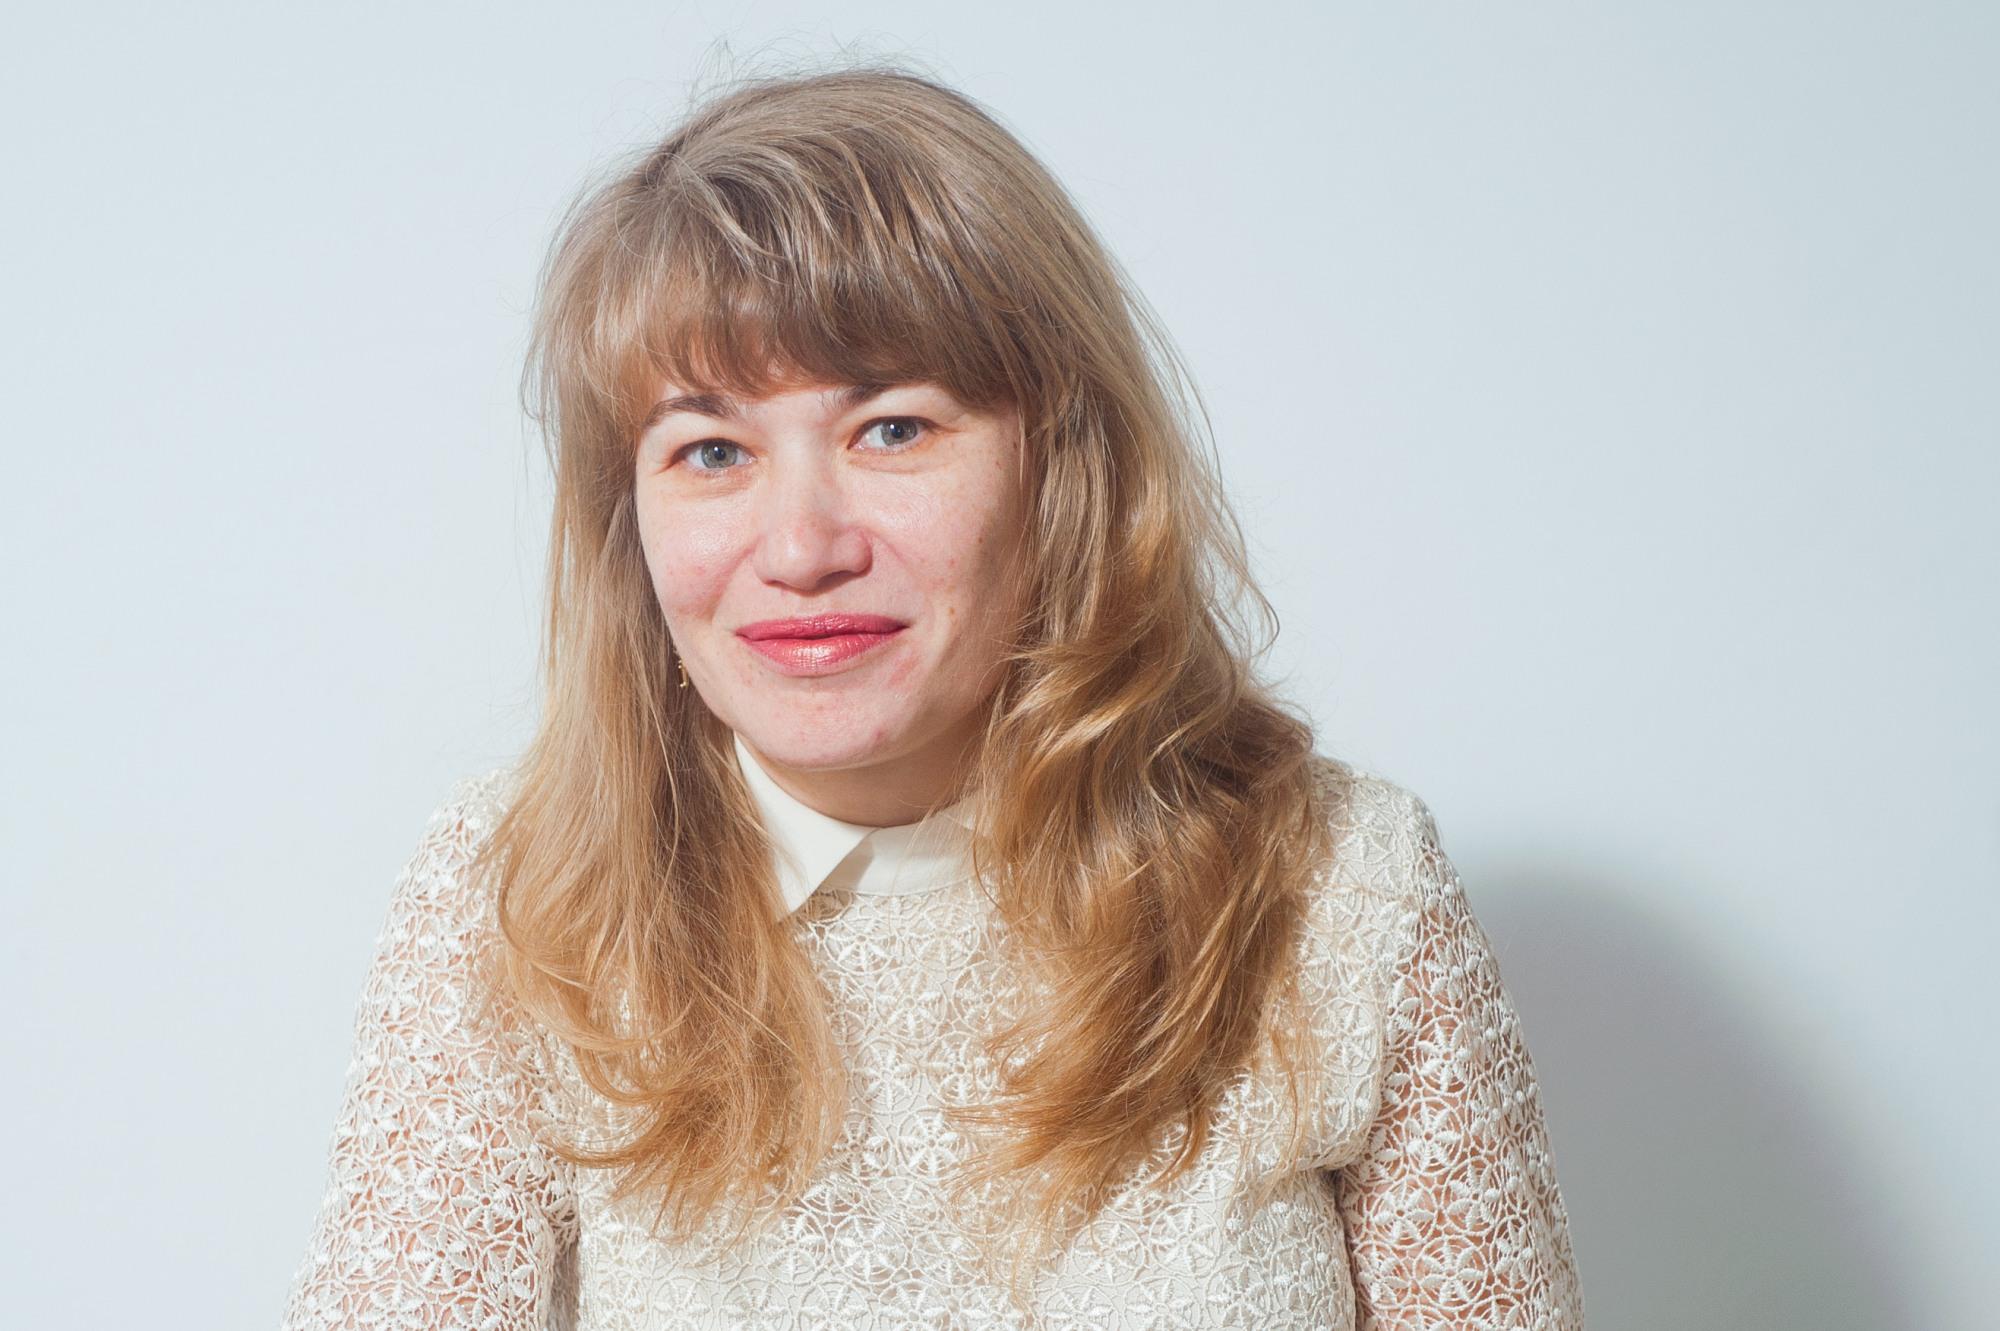 Виктория Корогод, Медиа Группа Украина